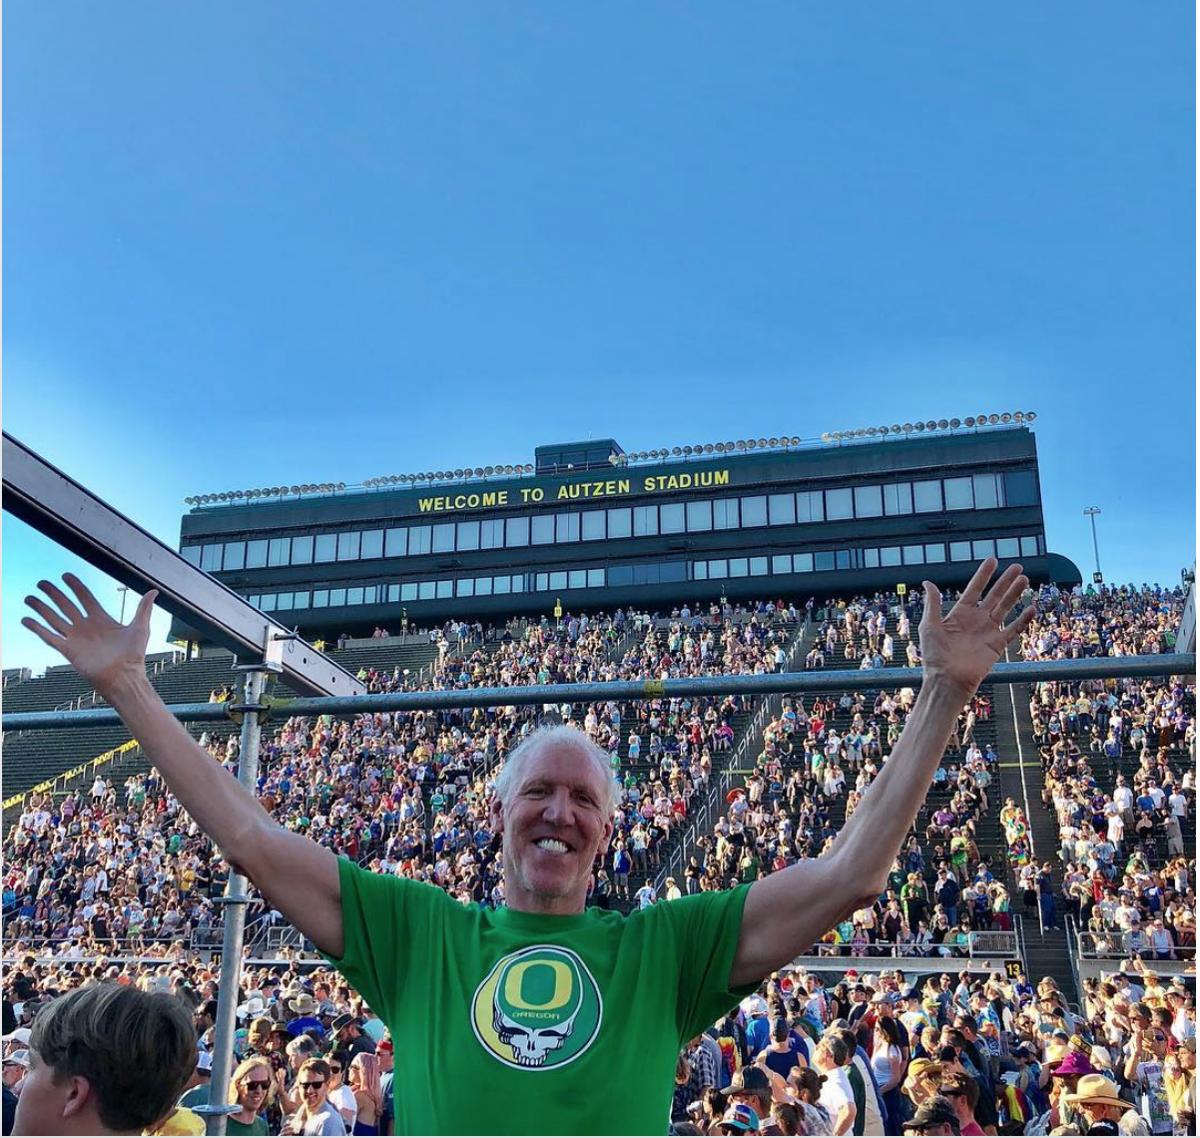 Eugene celebrates Grateful Dead's lasting local impact at recent Autzen performance